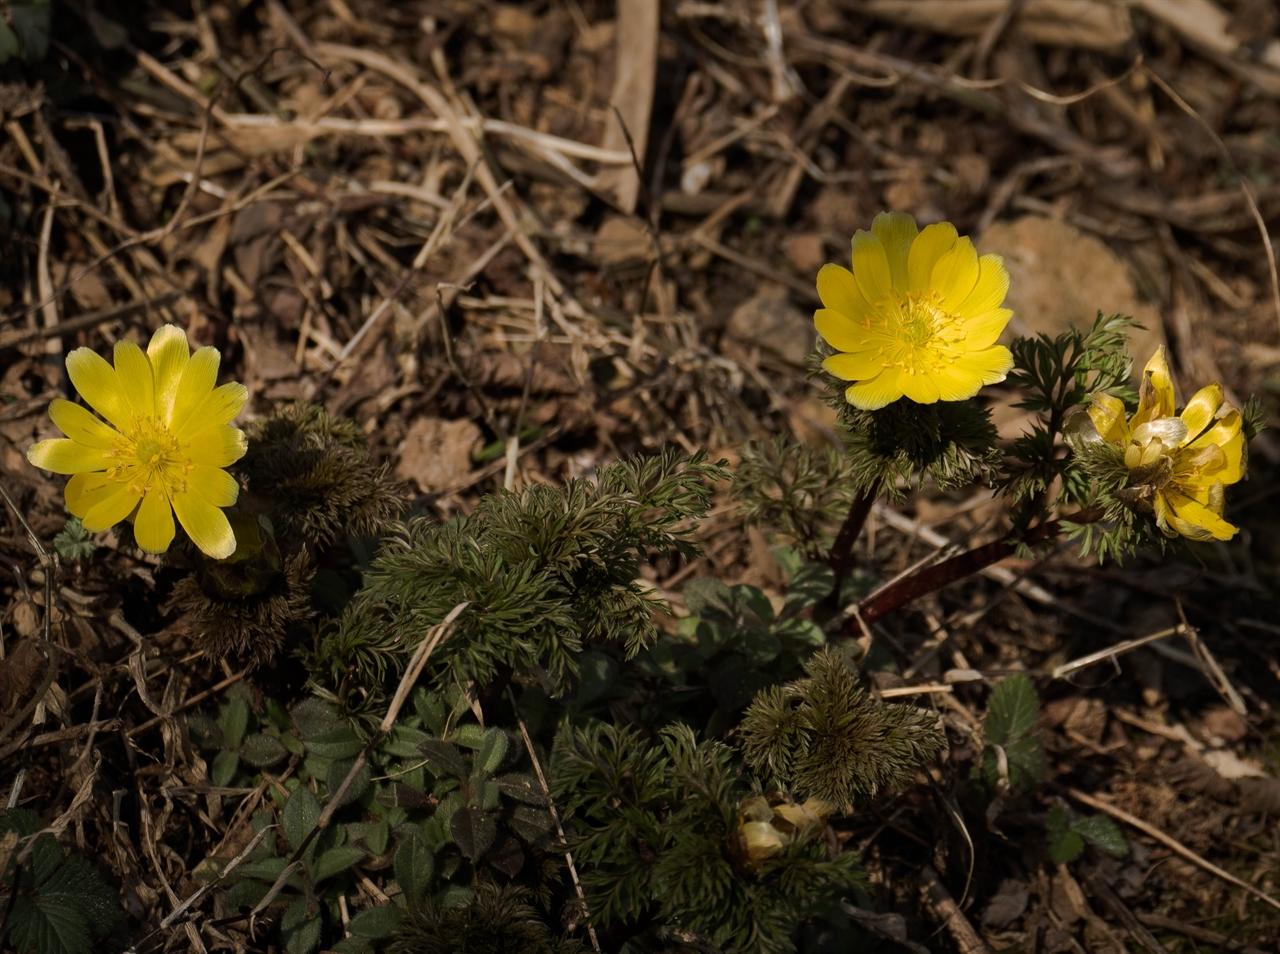 복수초 뒷동산 검불 속에서 찾은 봄.